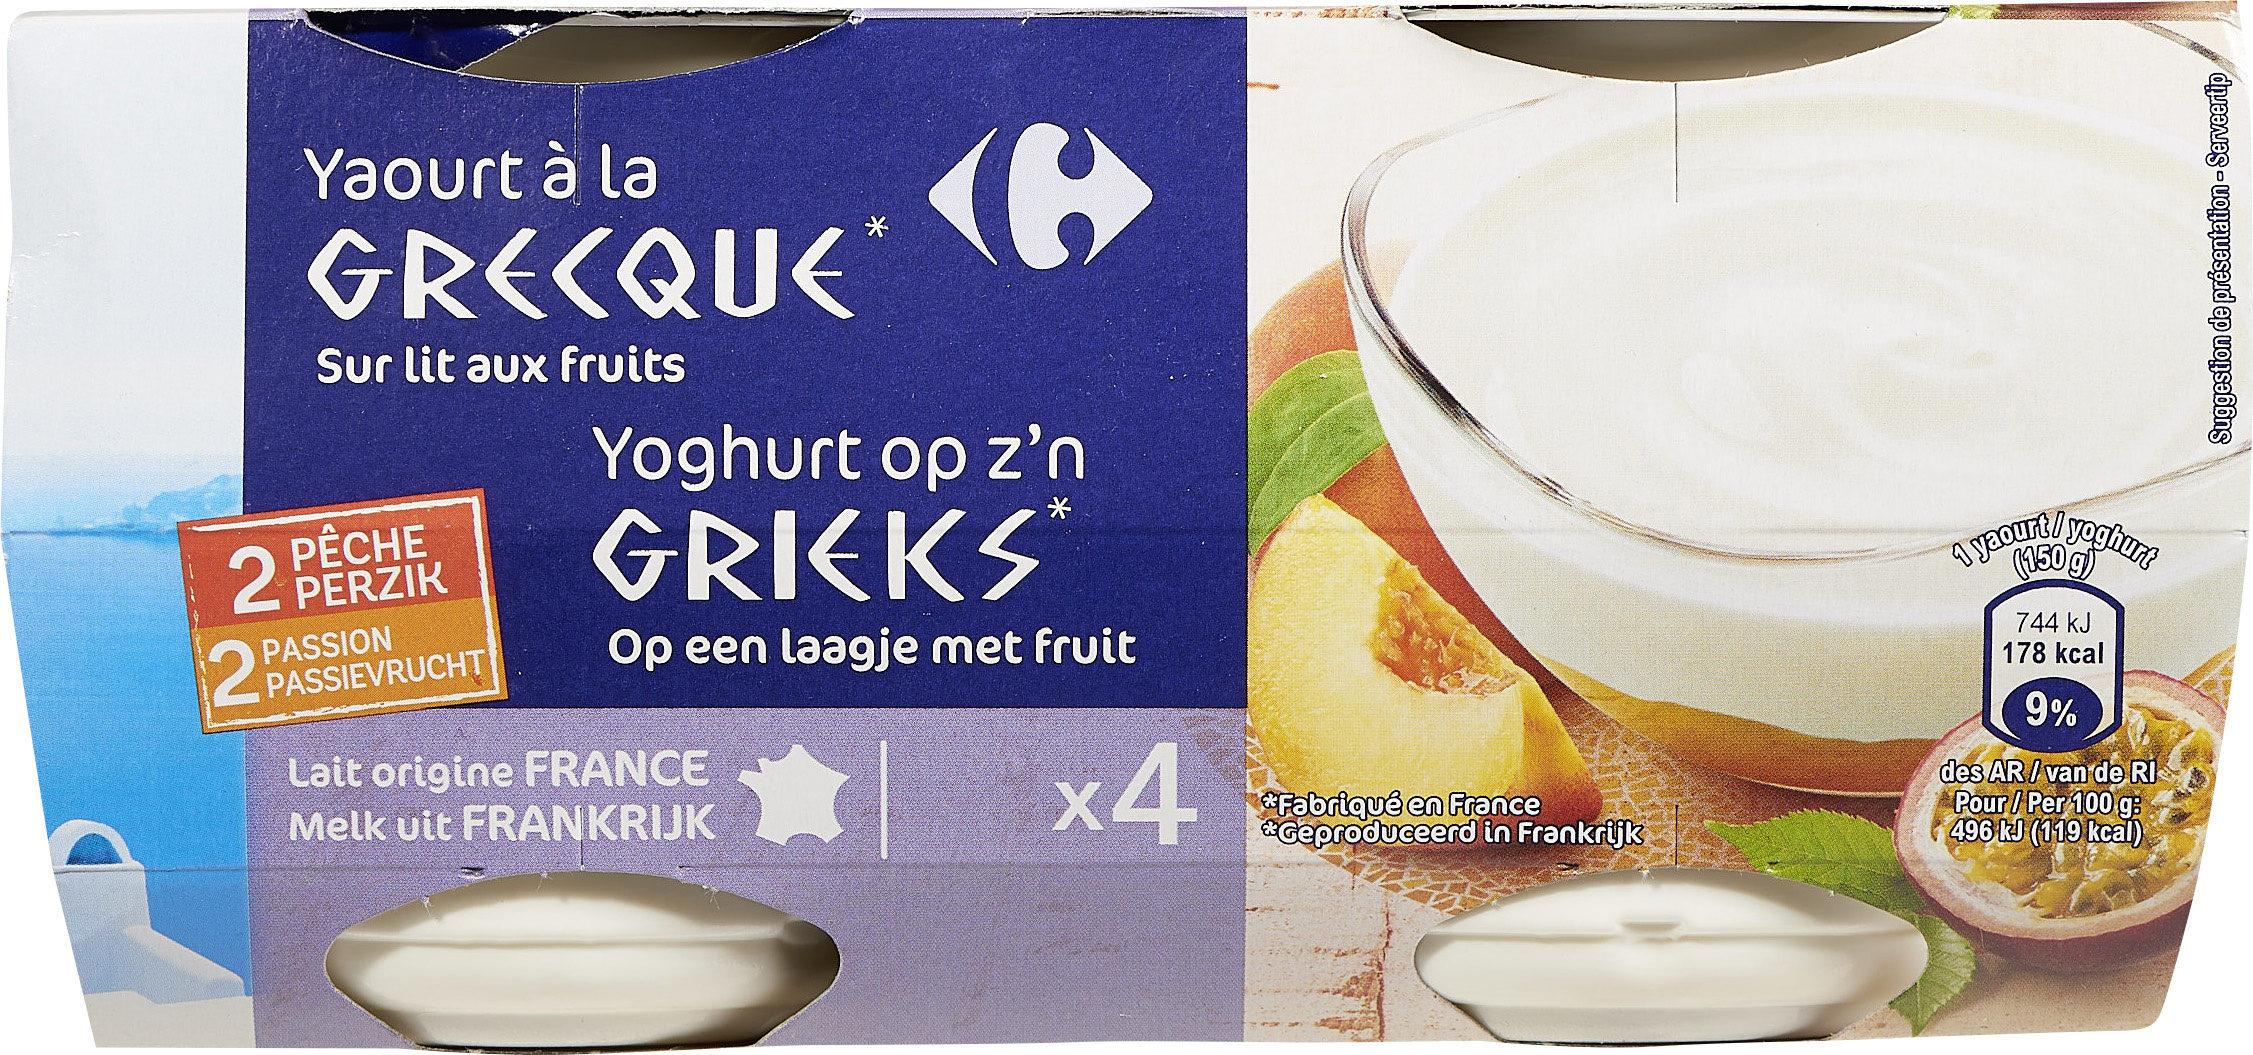 Yaourt à la grecque* sur lit aux fruits - Product - fr